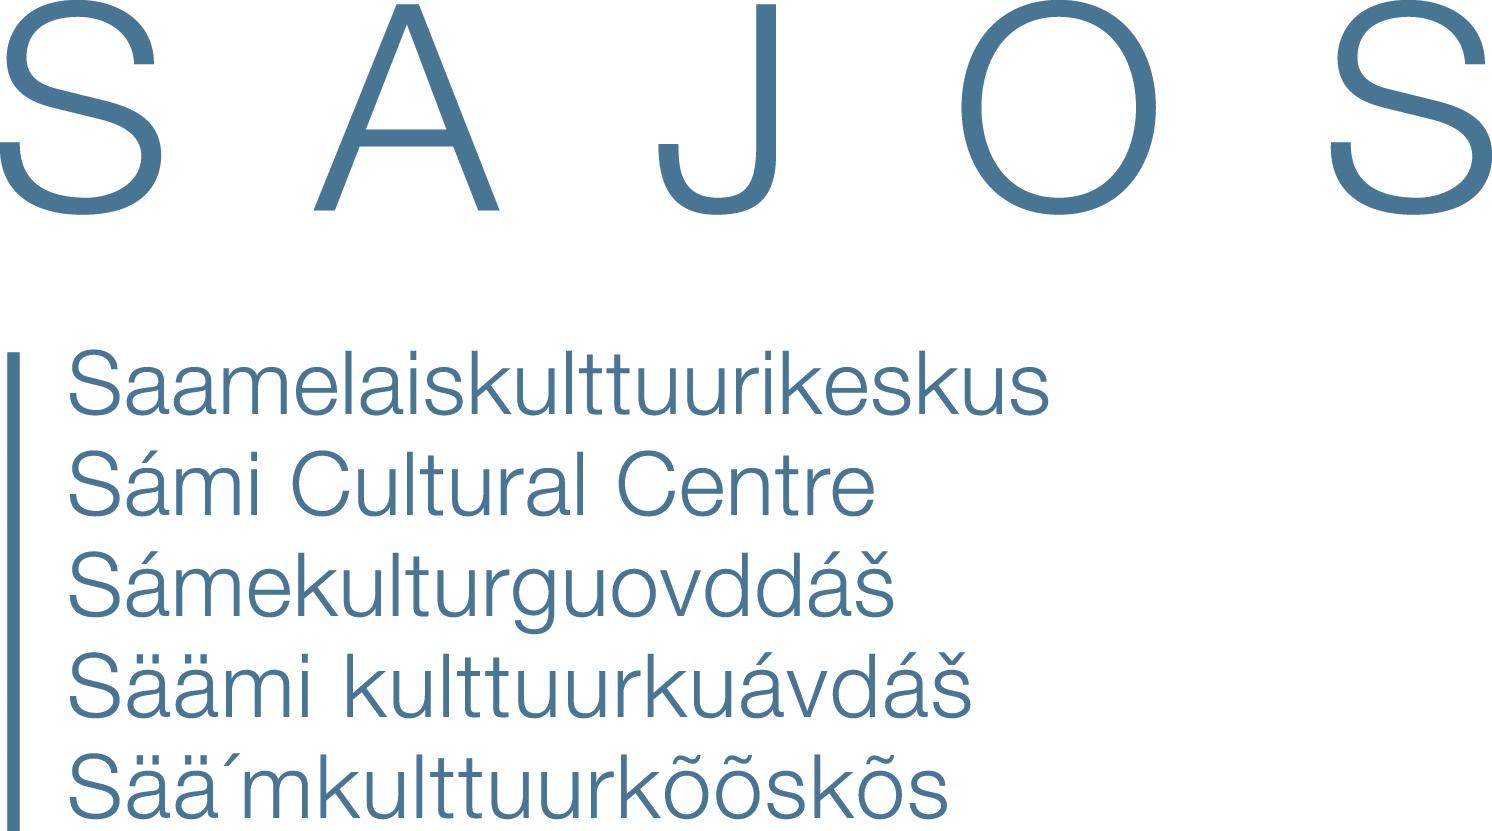 Saamelaiskulttuurikeskus Sajos